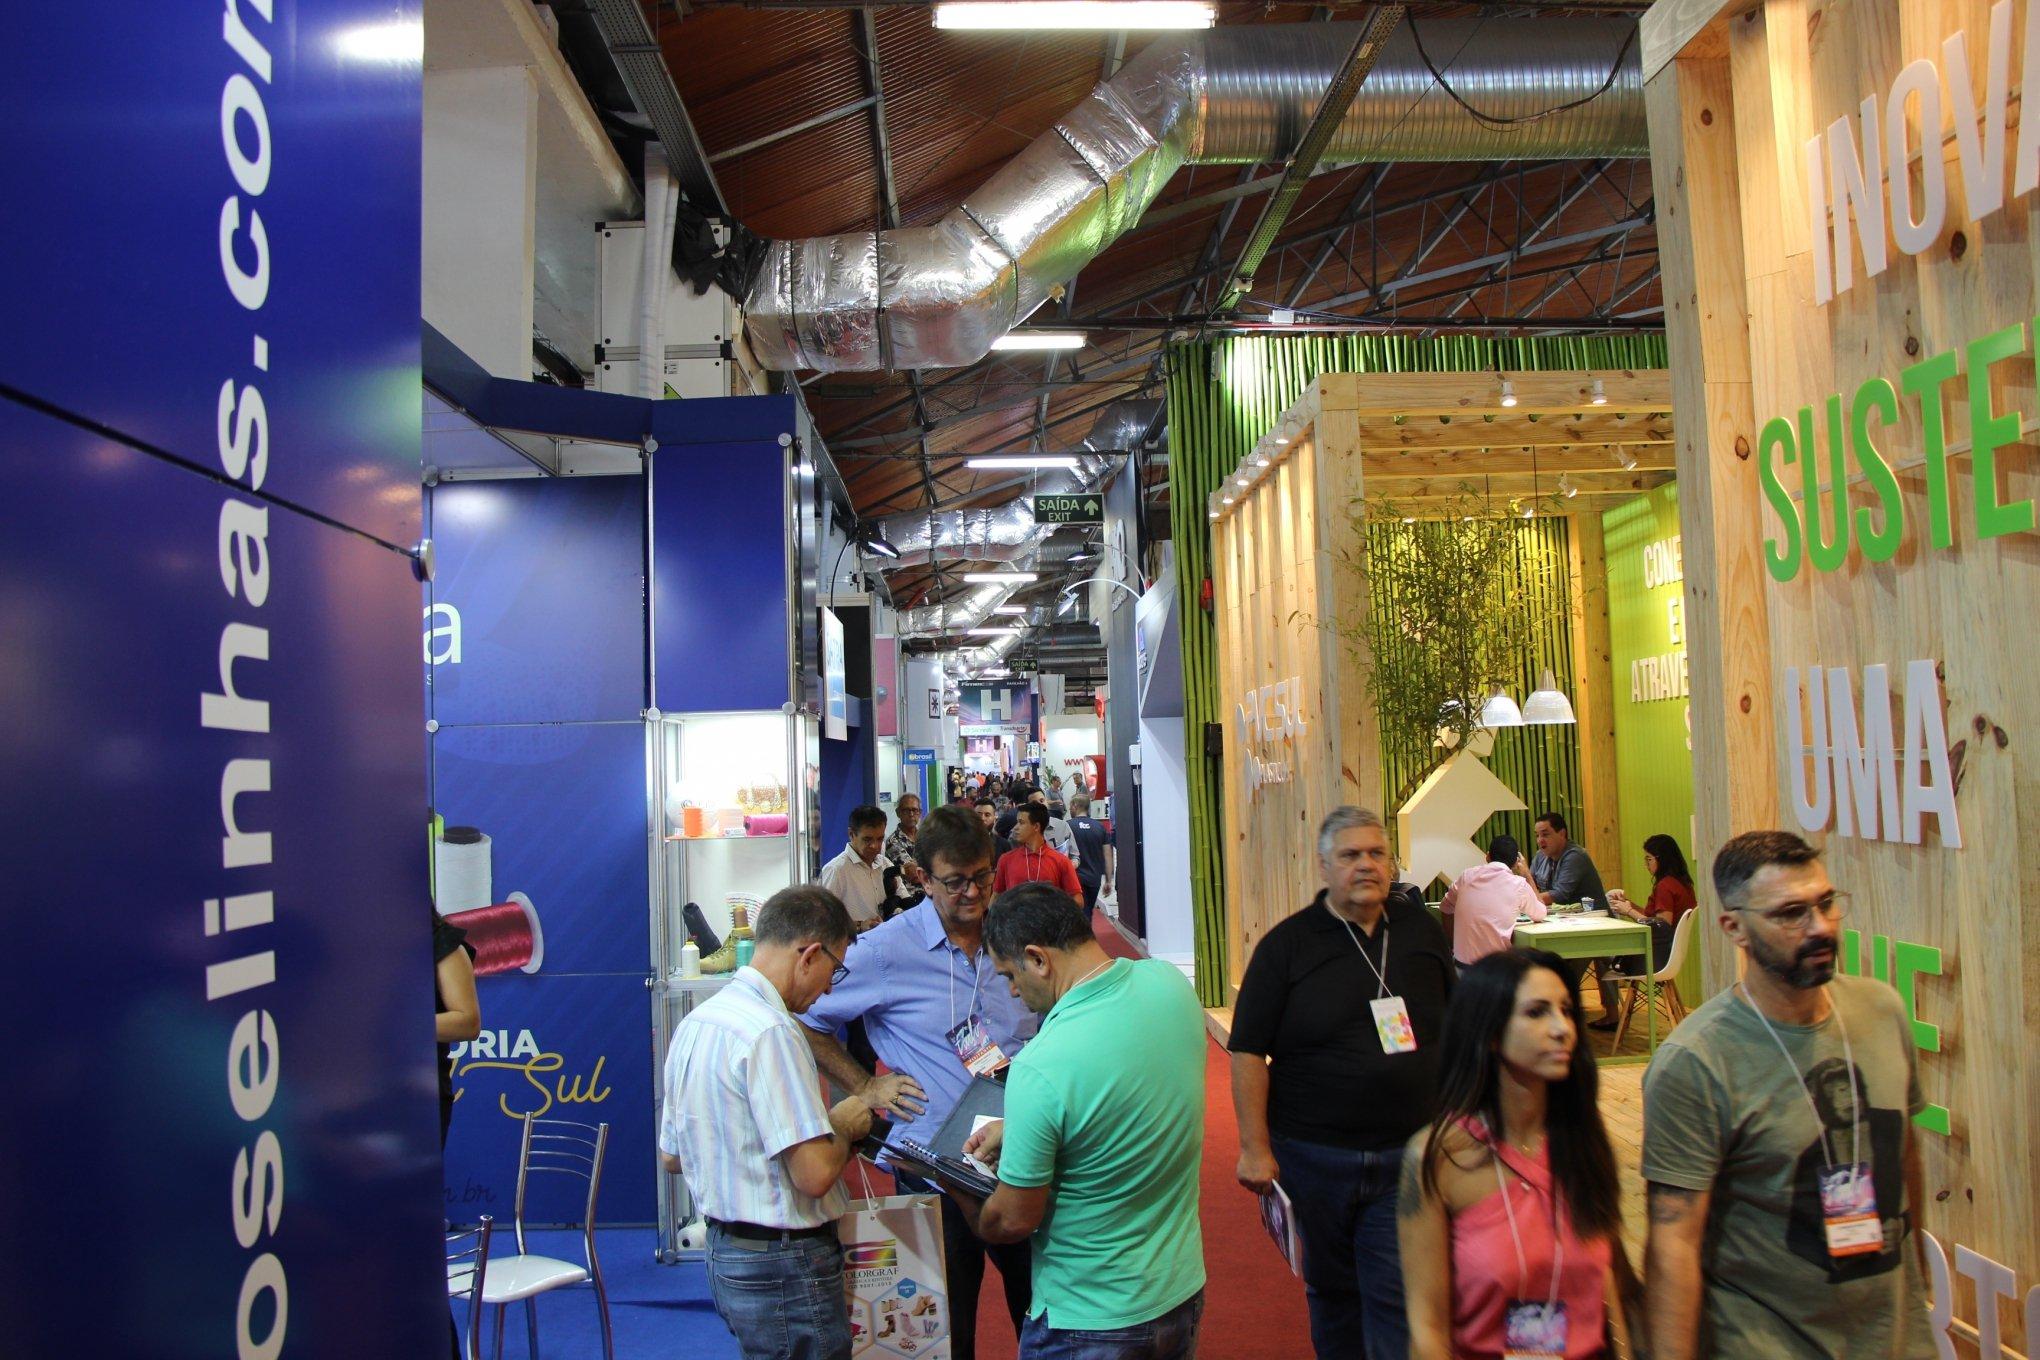 http://midia.gruposinos.com.br/_midias/jpg/2020/03/17/img_0914-18922691.jpg